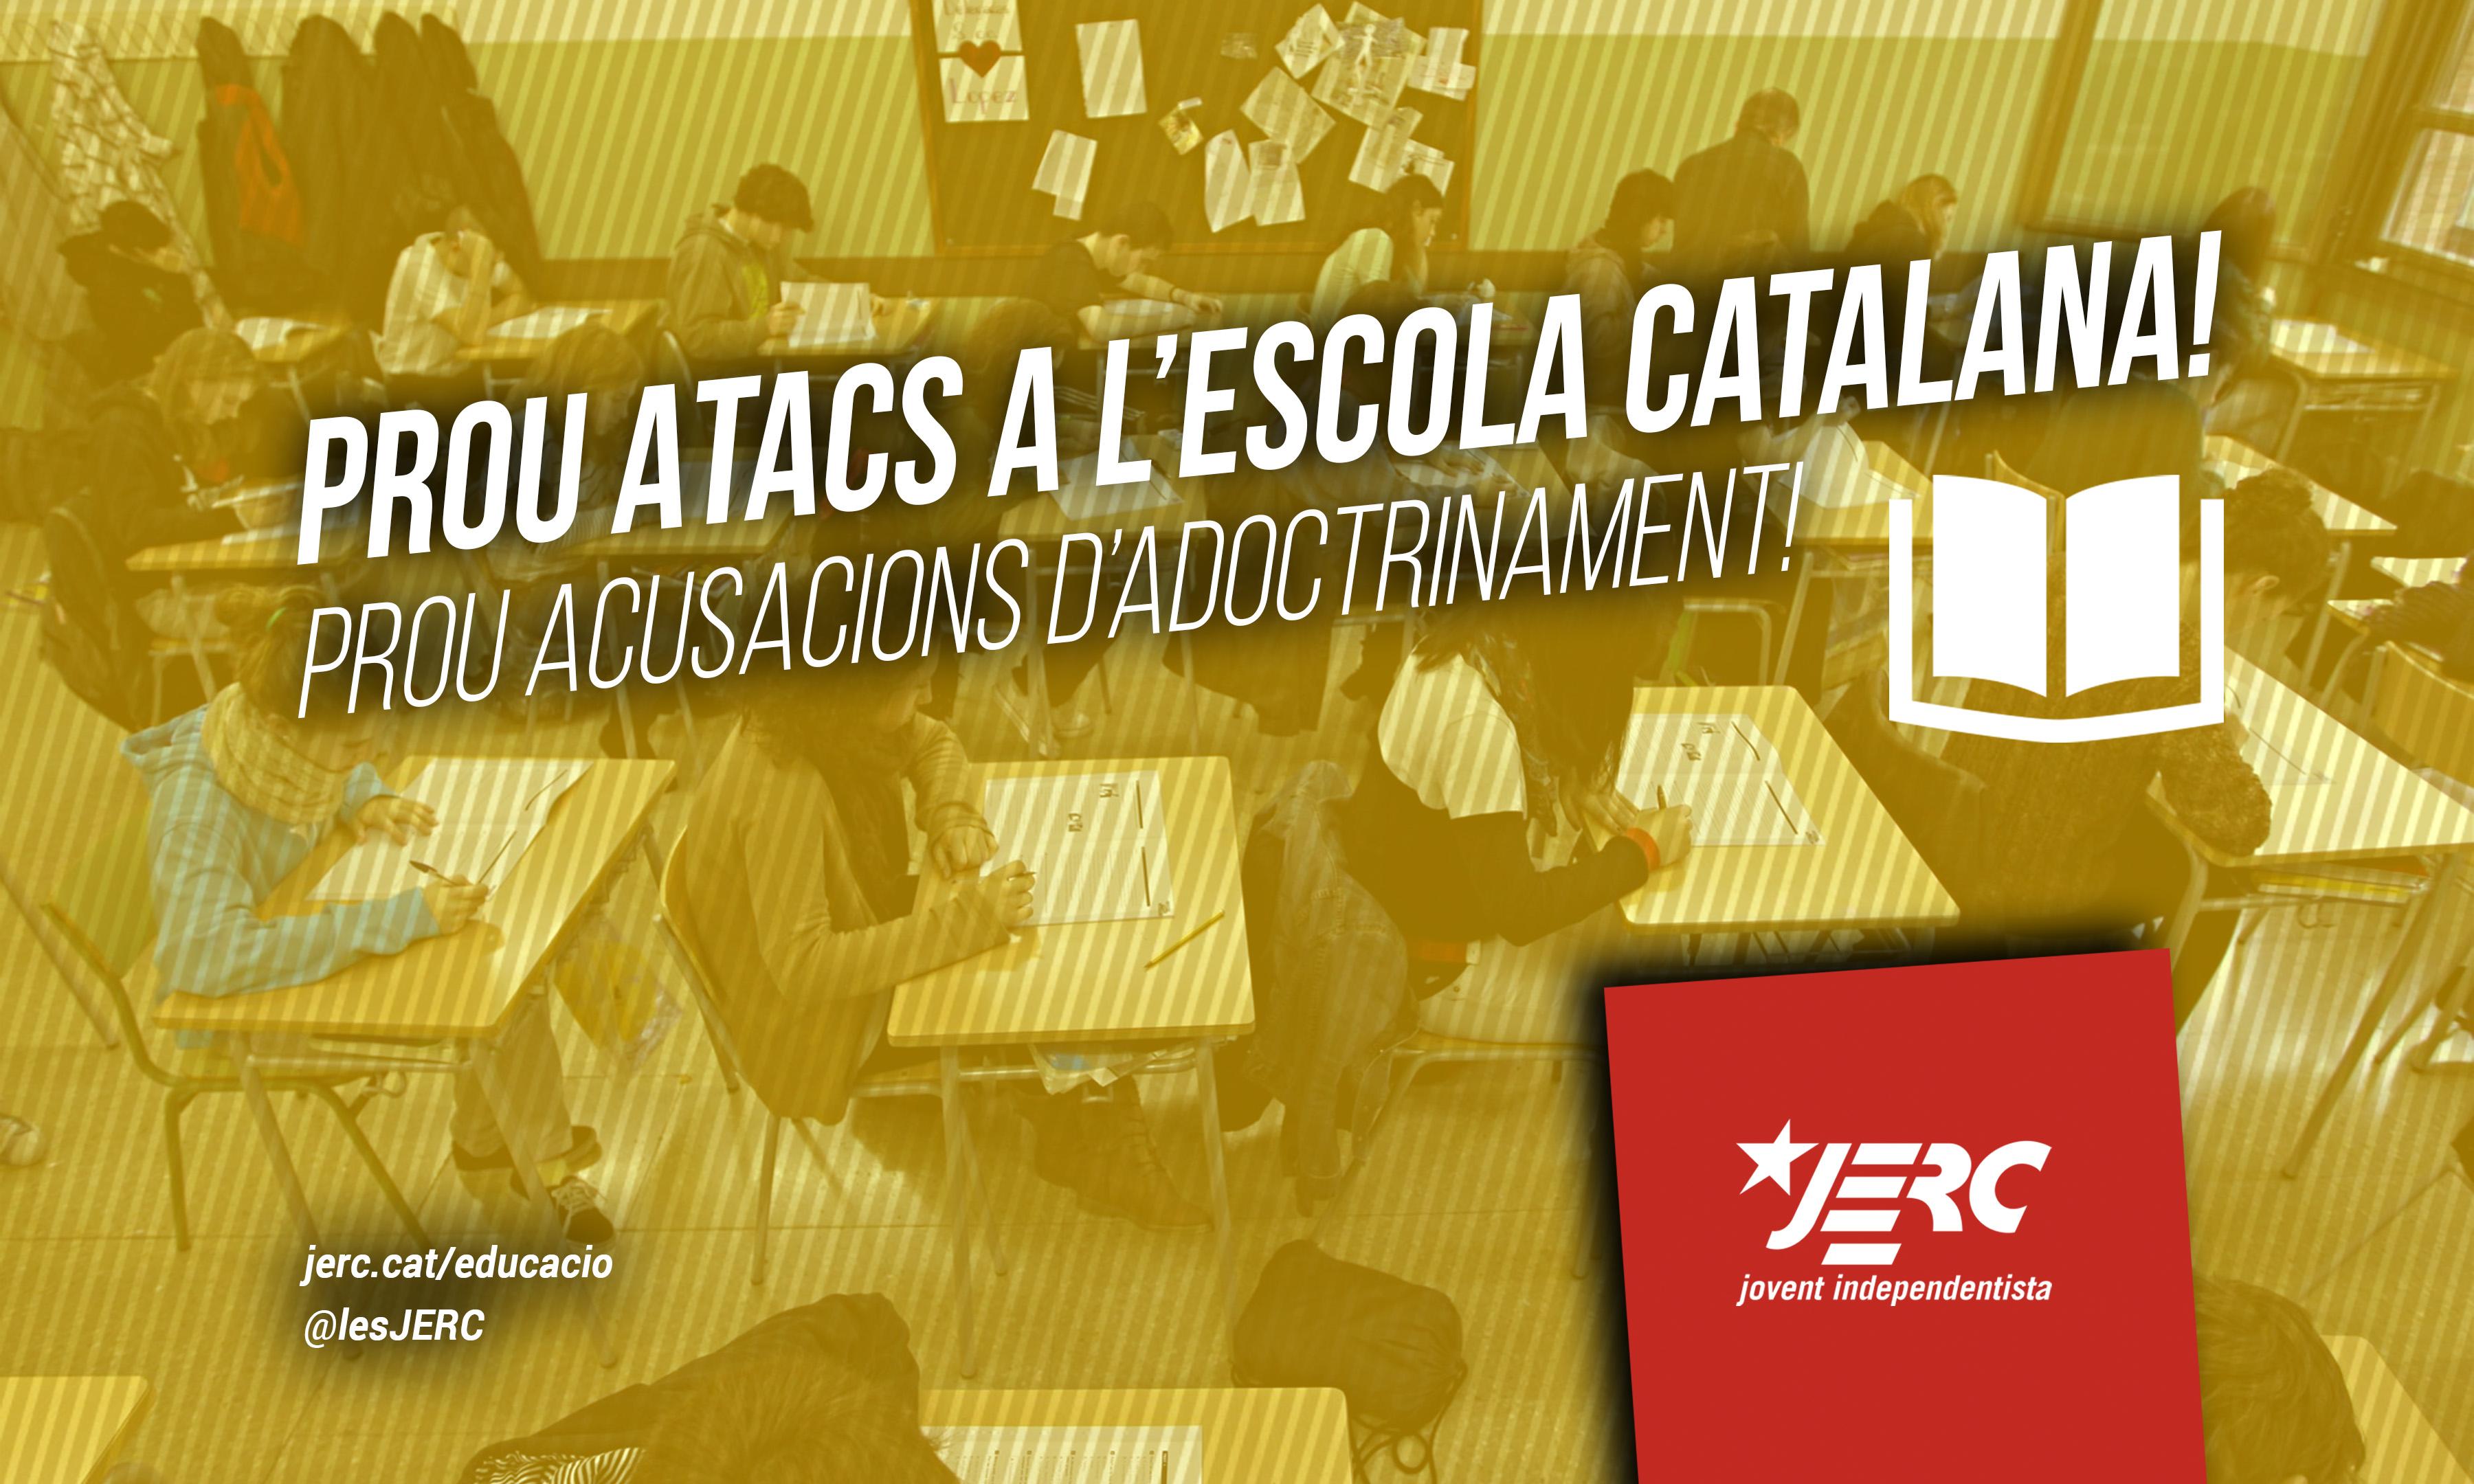 Prou atacs a l'escola catalana!